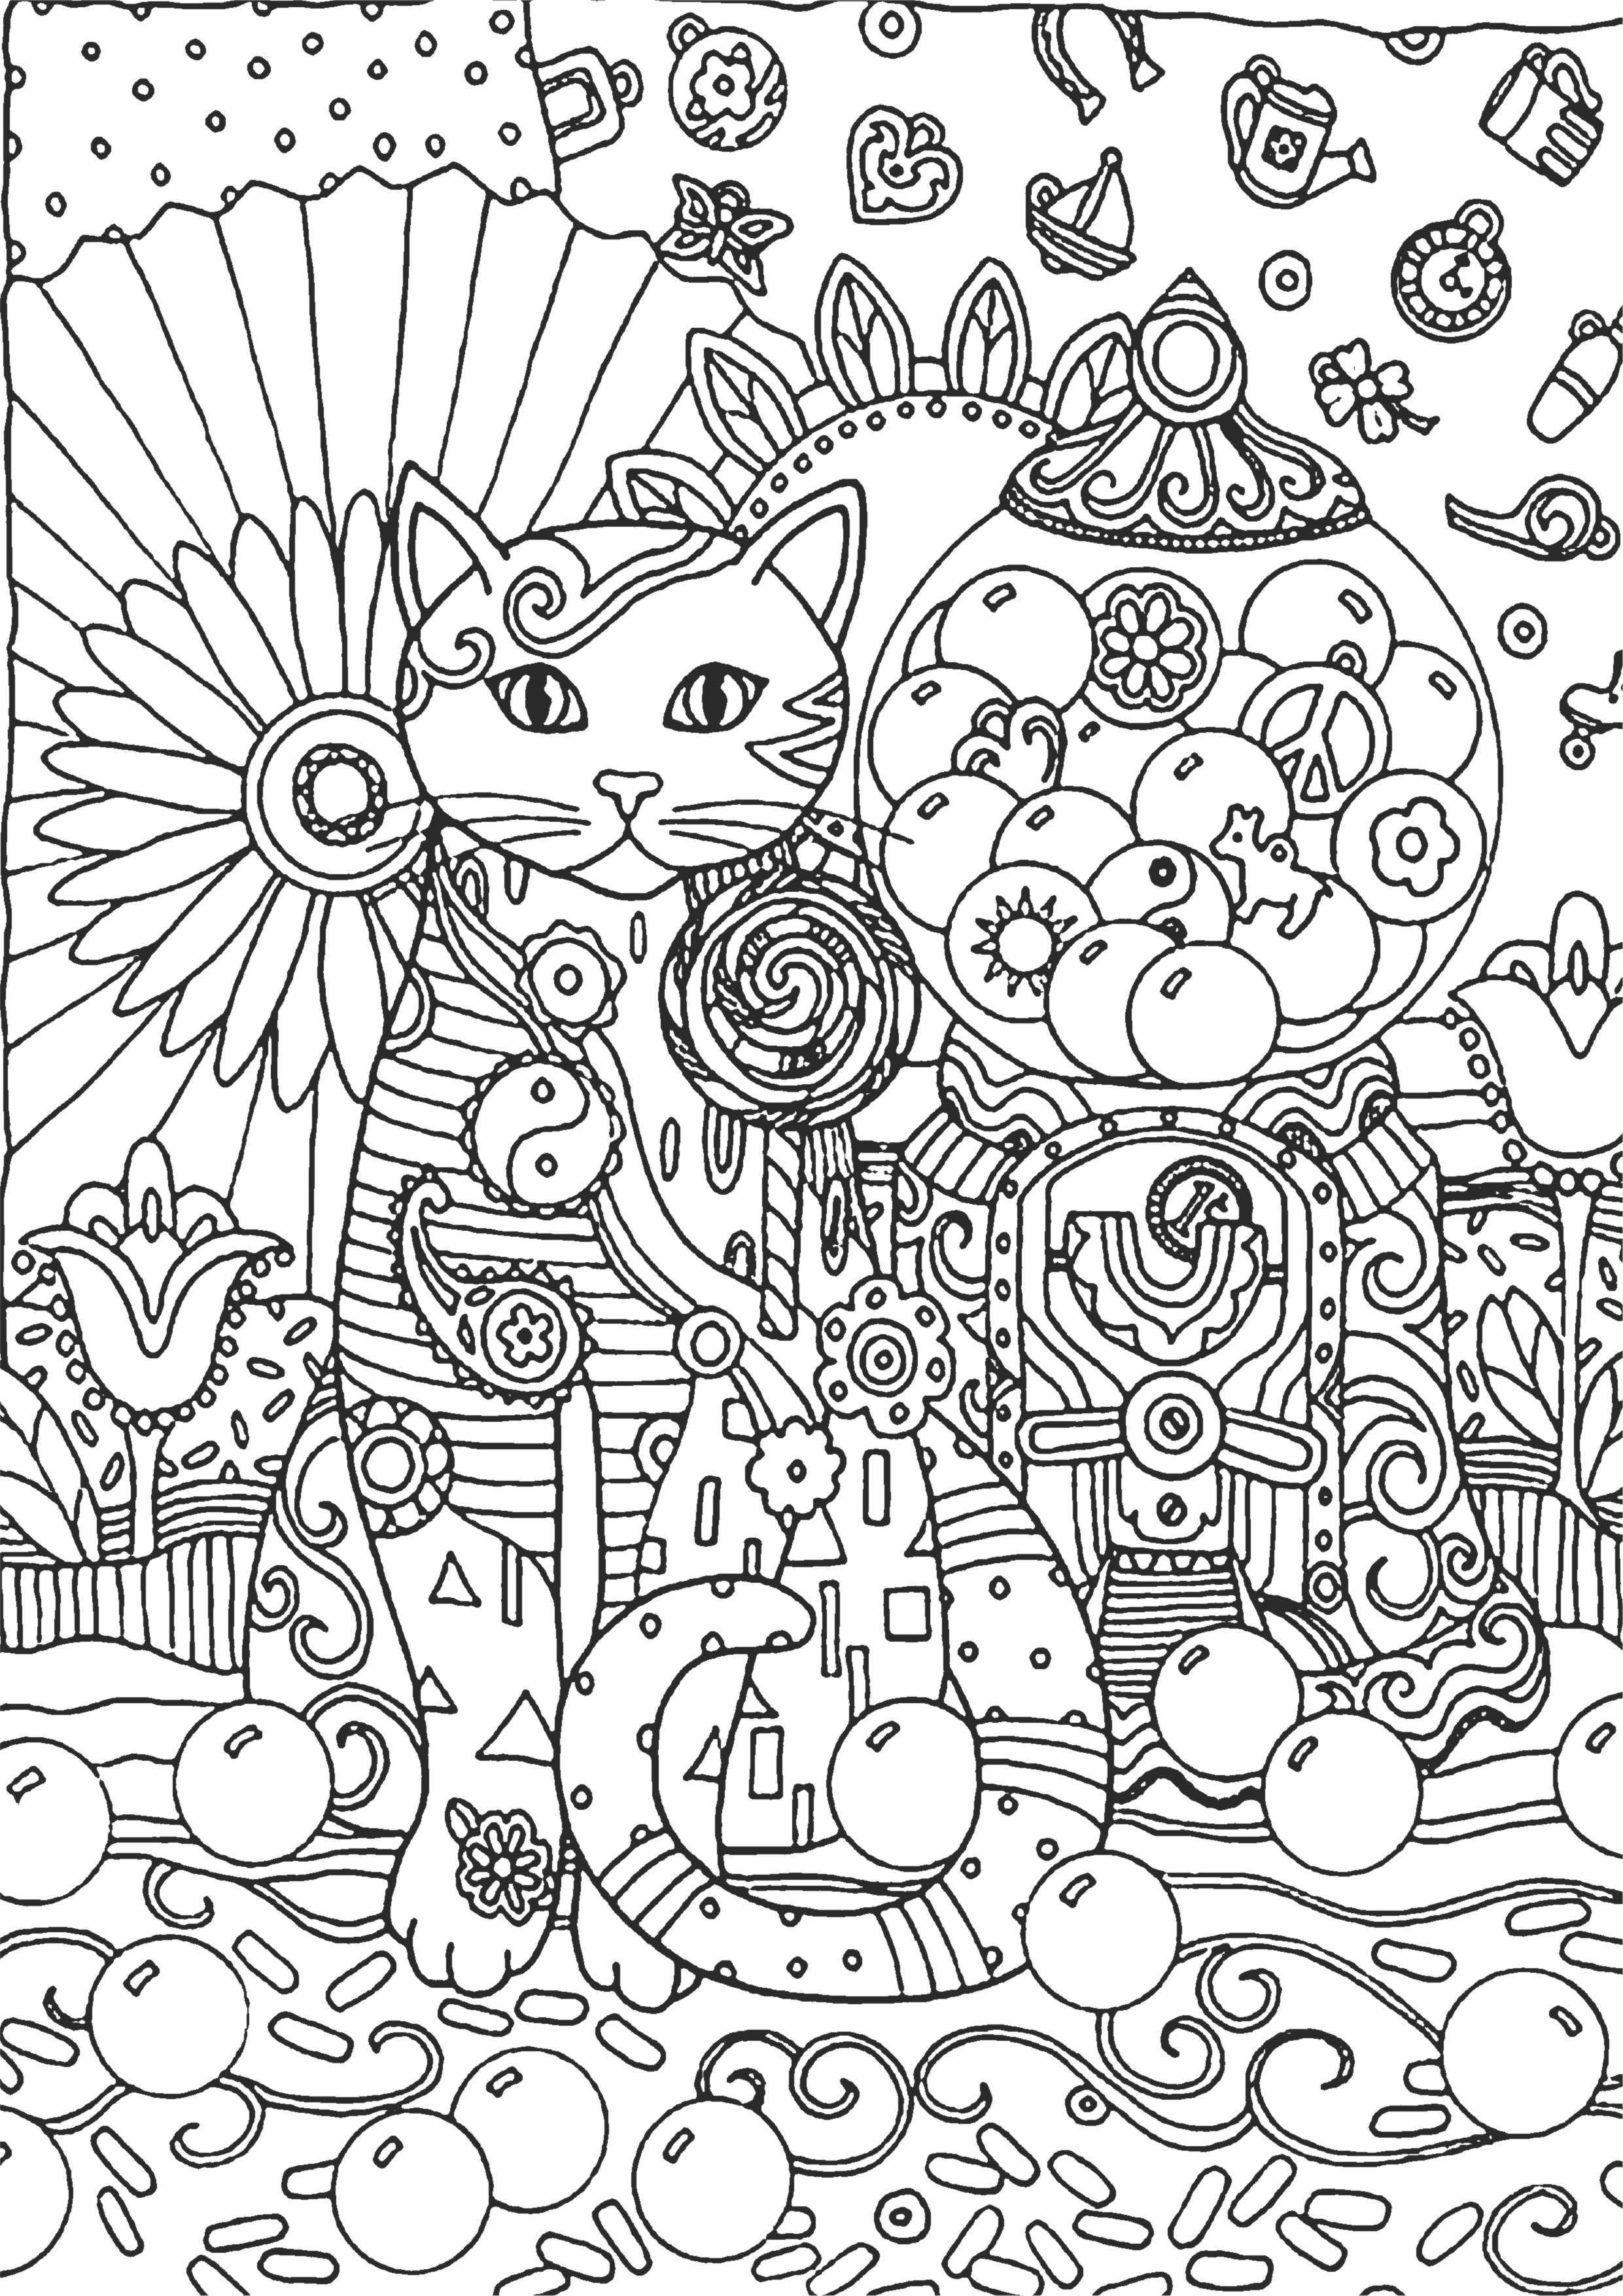 """Раскраска антистресс Котик"""" - Раскраски А4 формата для ..."""